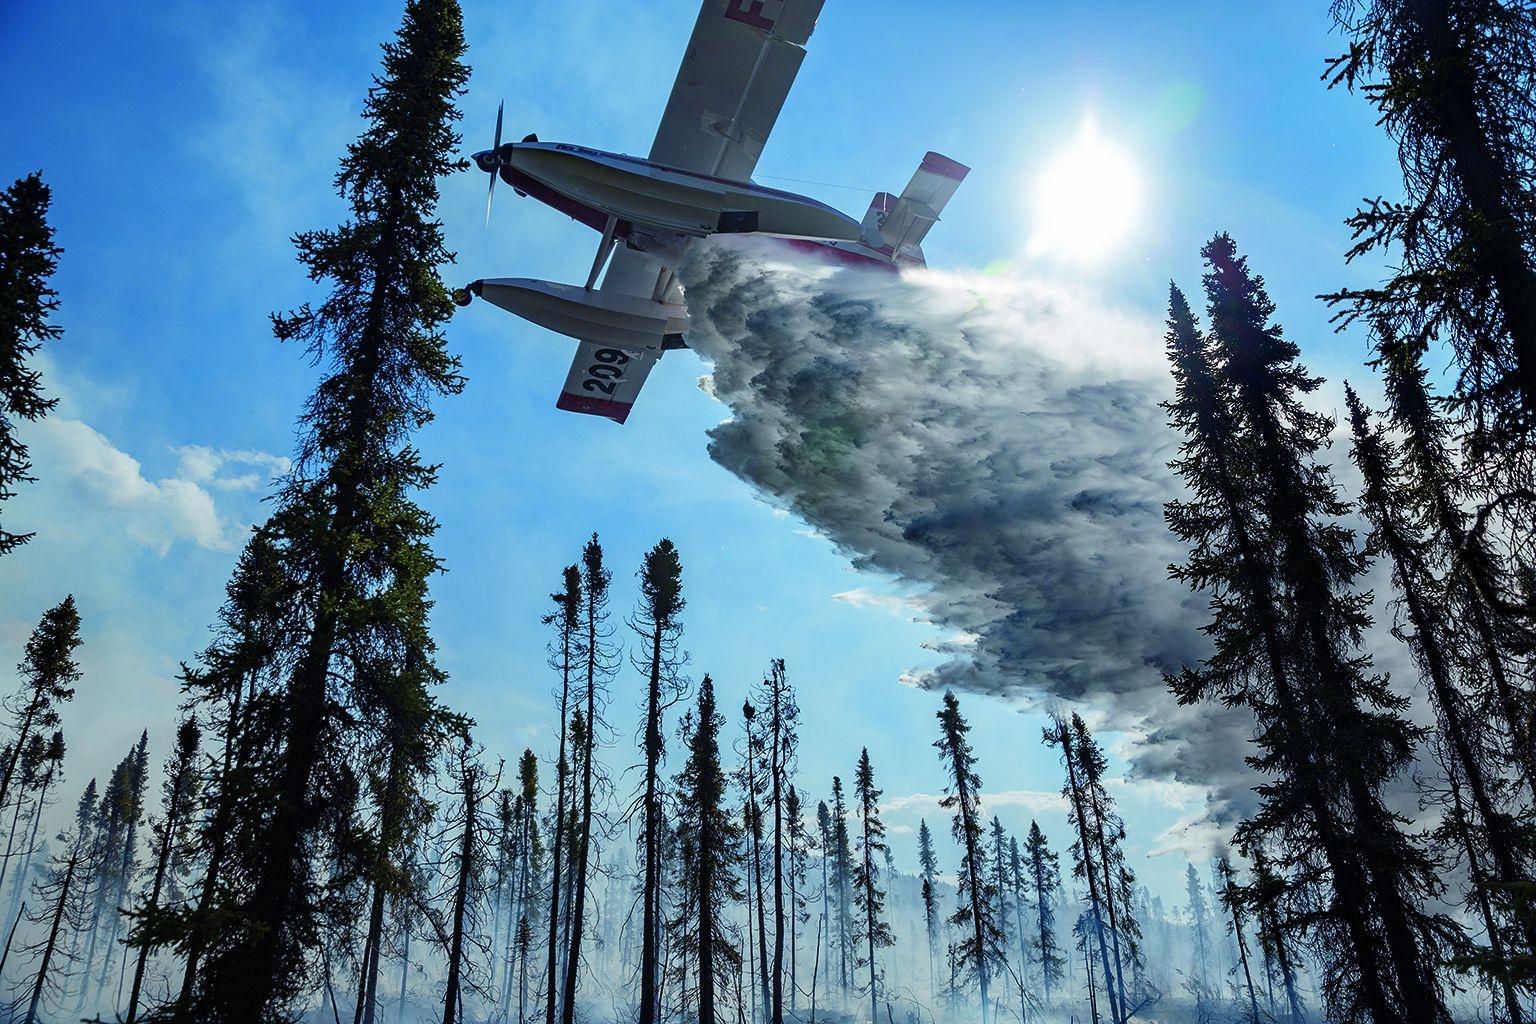 一架Fire Boss滅火機正在灑水協助地面人員,對抗2016年6月發生於布魯克斯嶺的320號火災。這架單引擎飛機裝有浮箱,可以在幾分鐘內灌滿又傾空3000公升的水。在這場火災中它從伊尼亞庫克湖取水。攝影:馬克.塞森 MARK THIESSEN